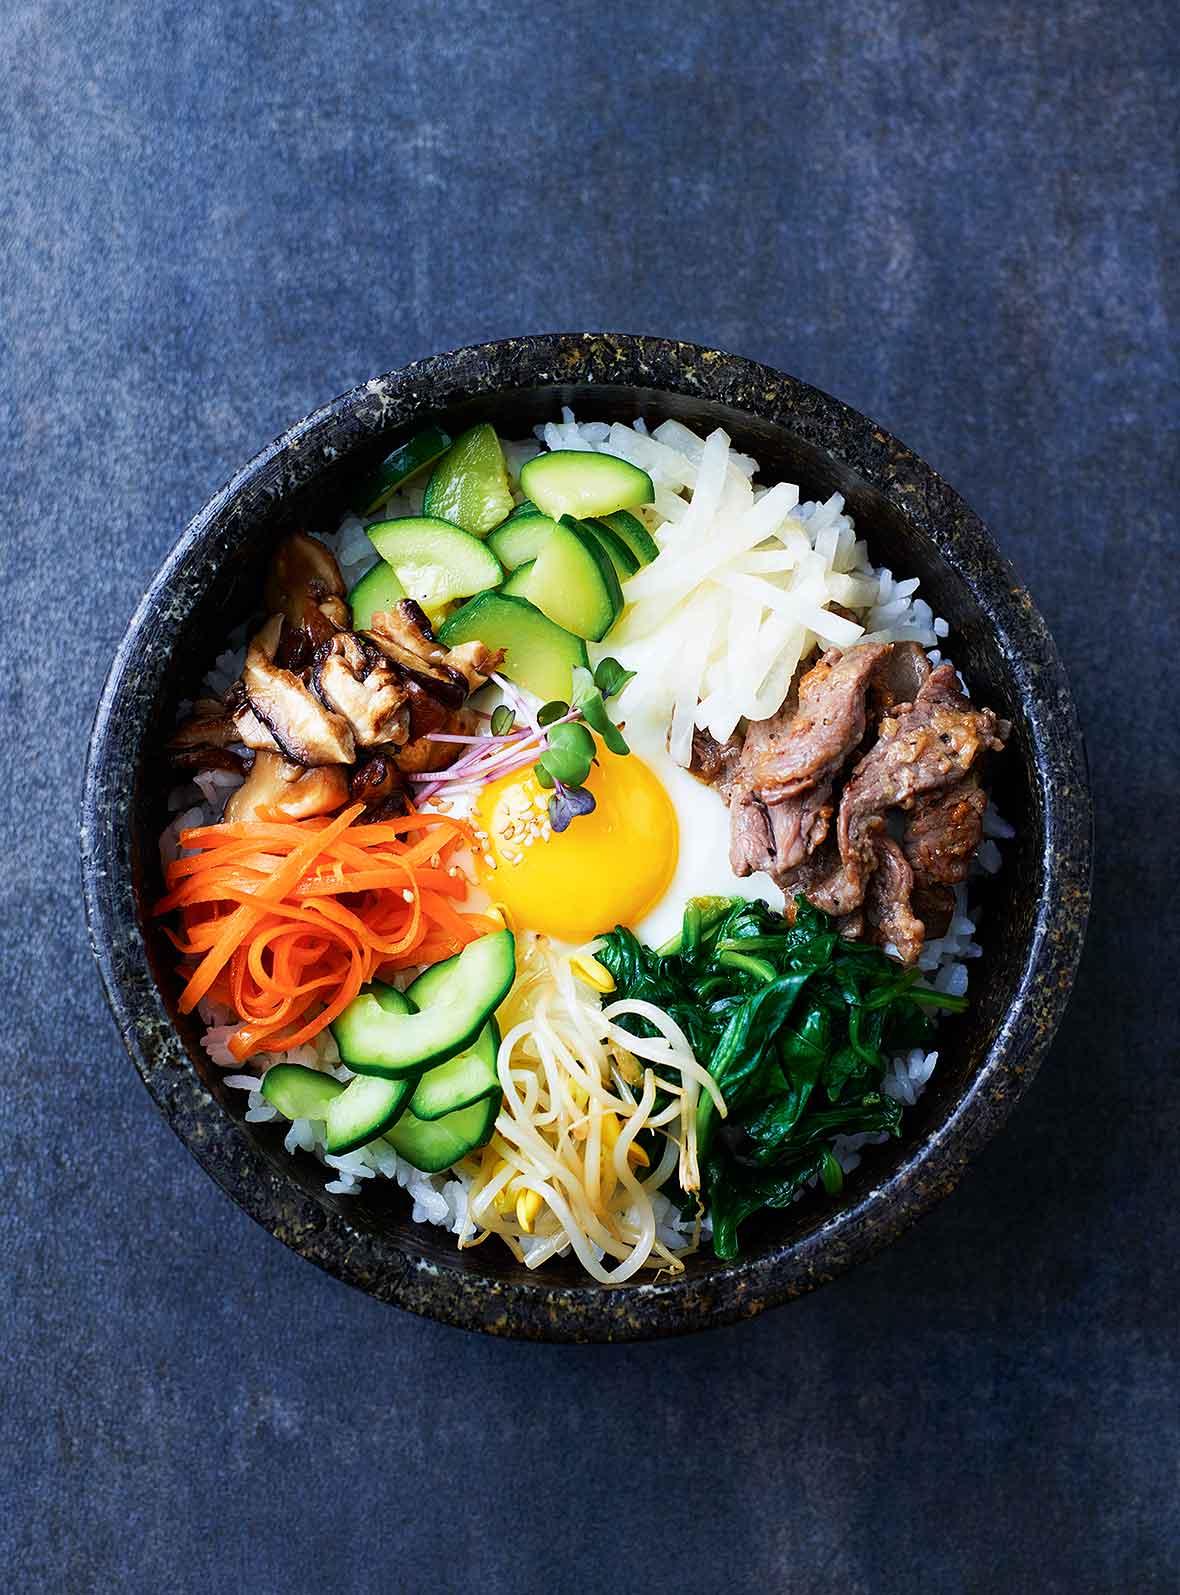 บิบิมบับ bibimbap คือ ข้าวยำเกาหลี